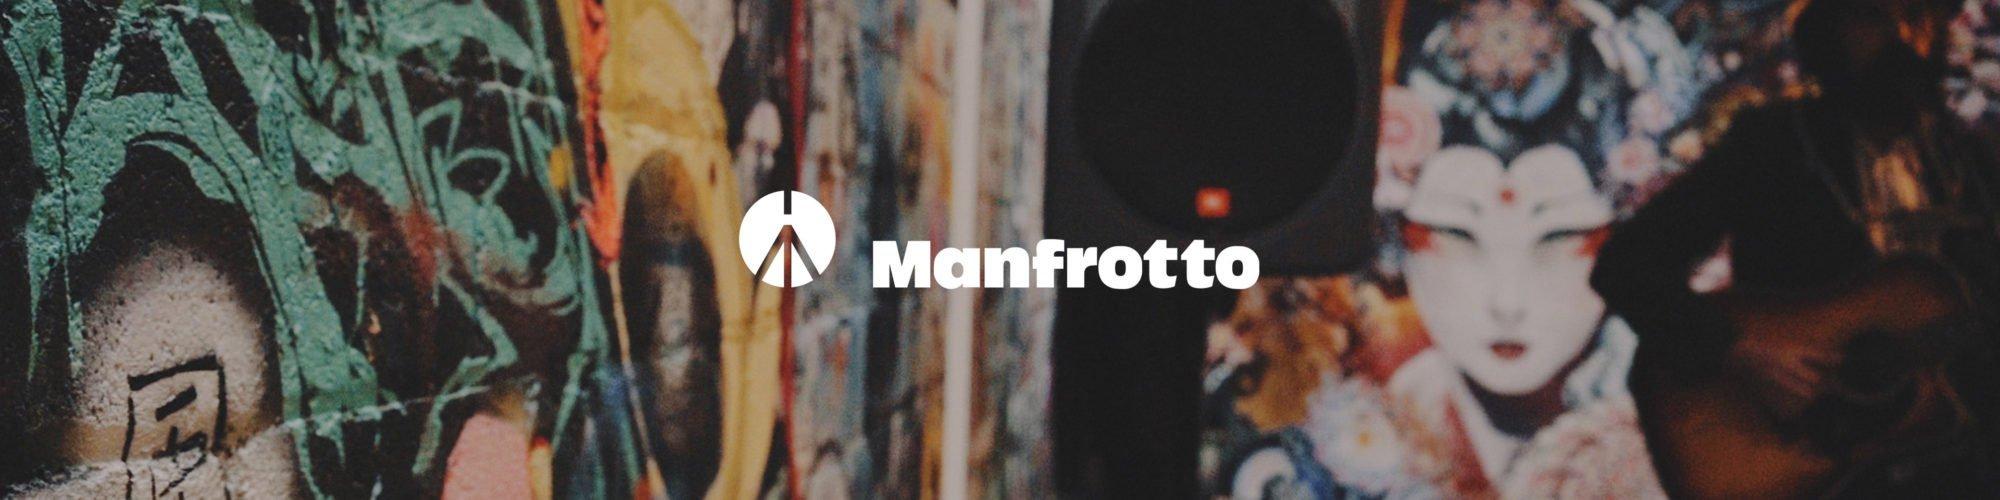 Manfrotto BeFree Live at Blender Lane Artist Market